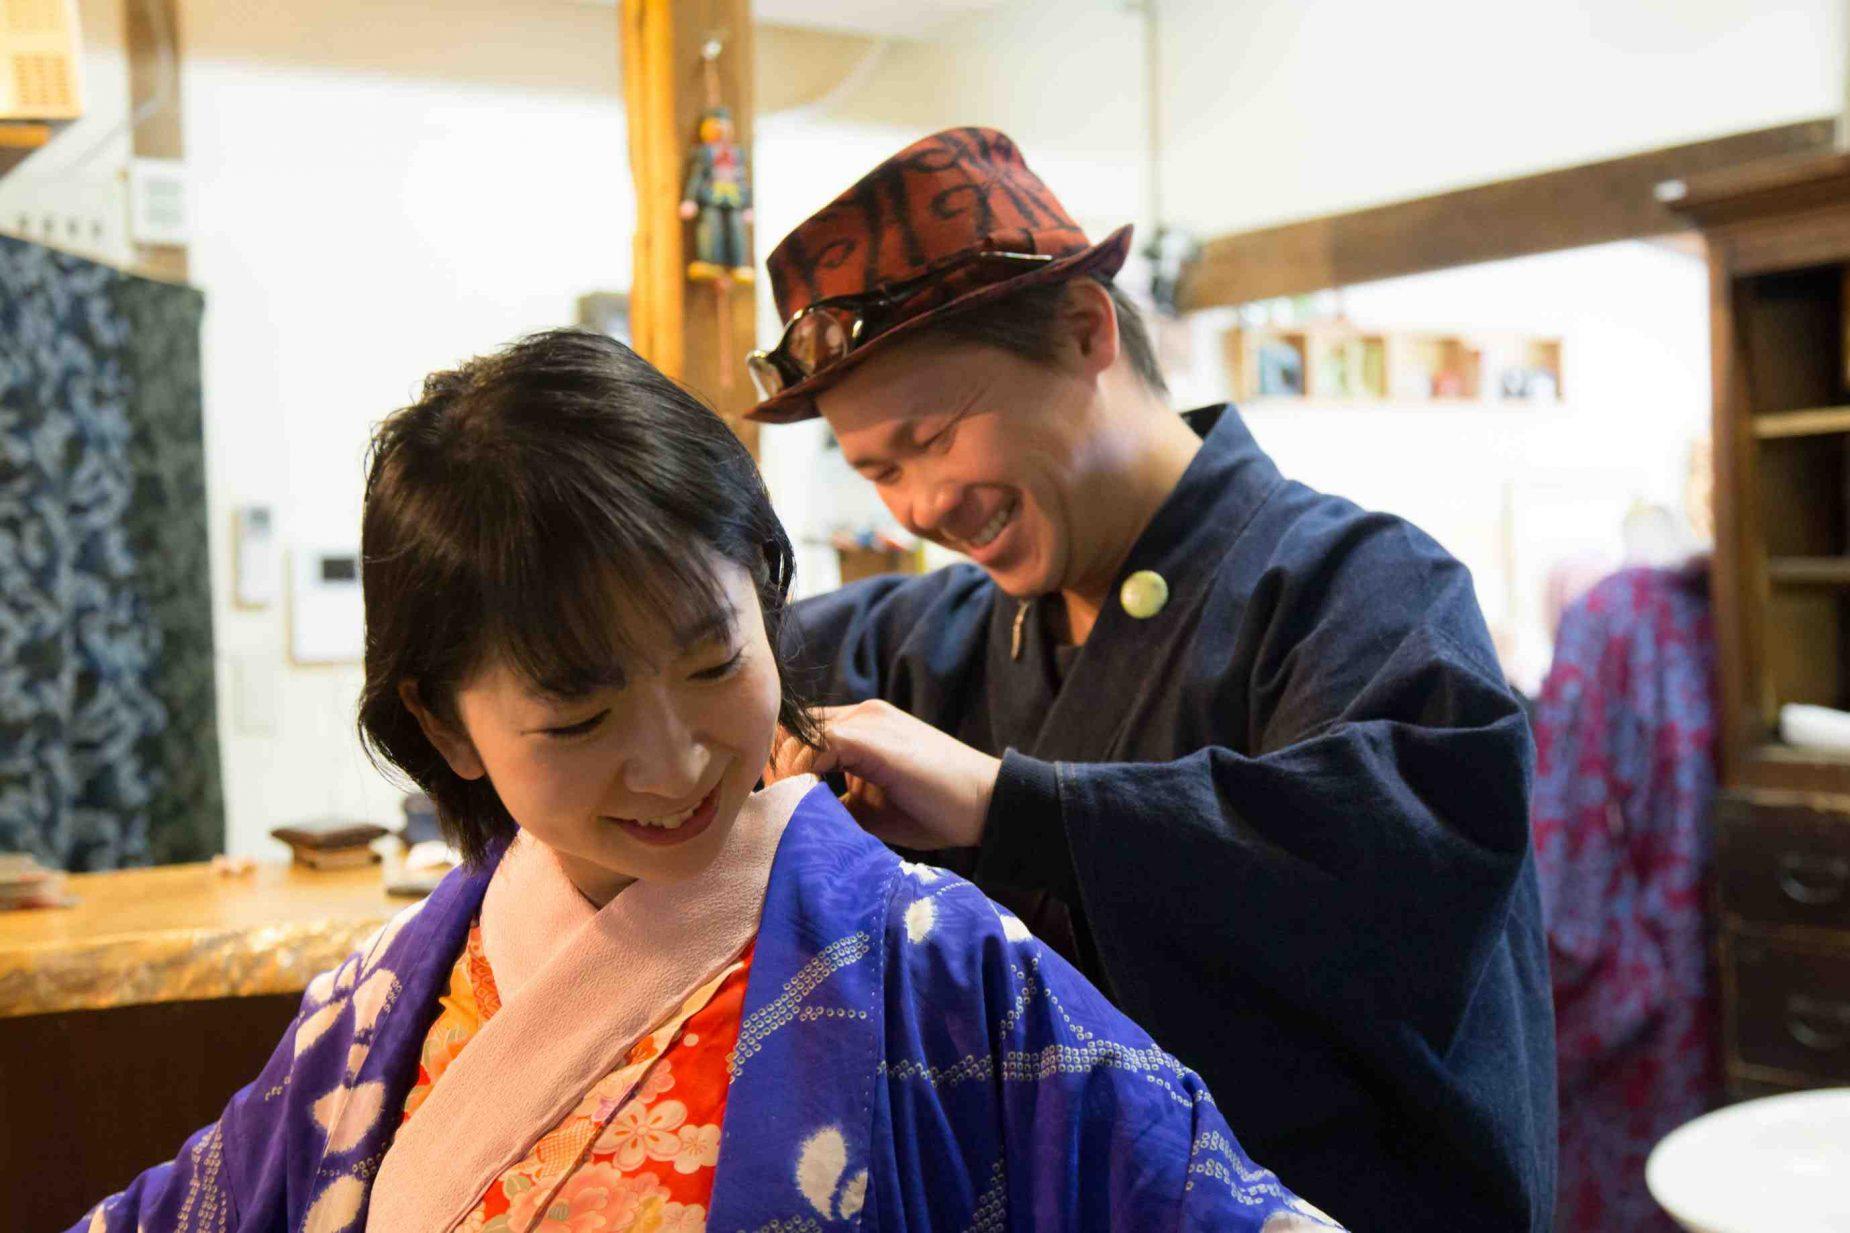 着付けをして下さったのは宮川徳三郎商店の4代目店主となる着付け師の宮川徳三郎さん。